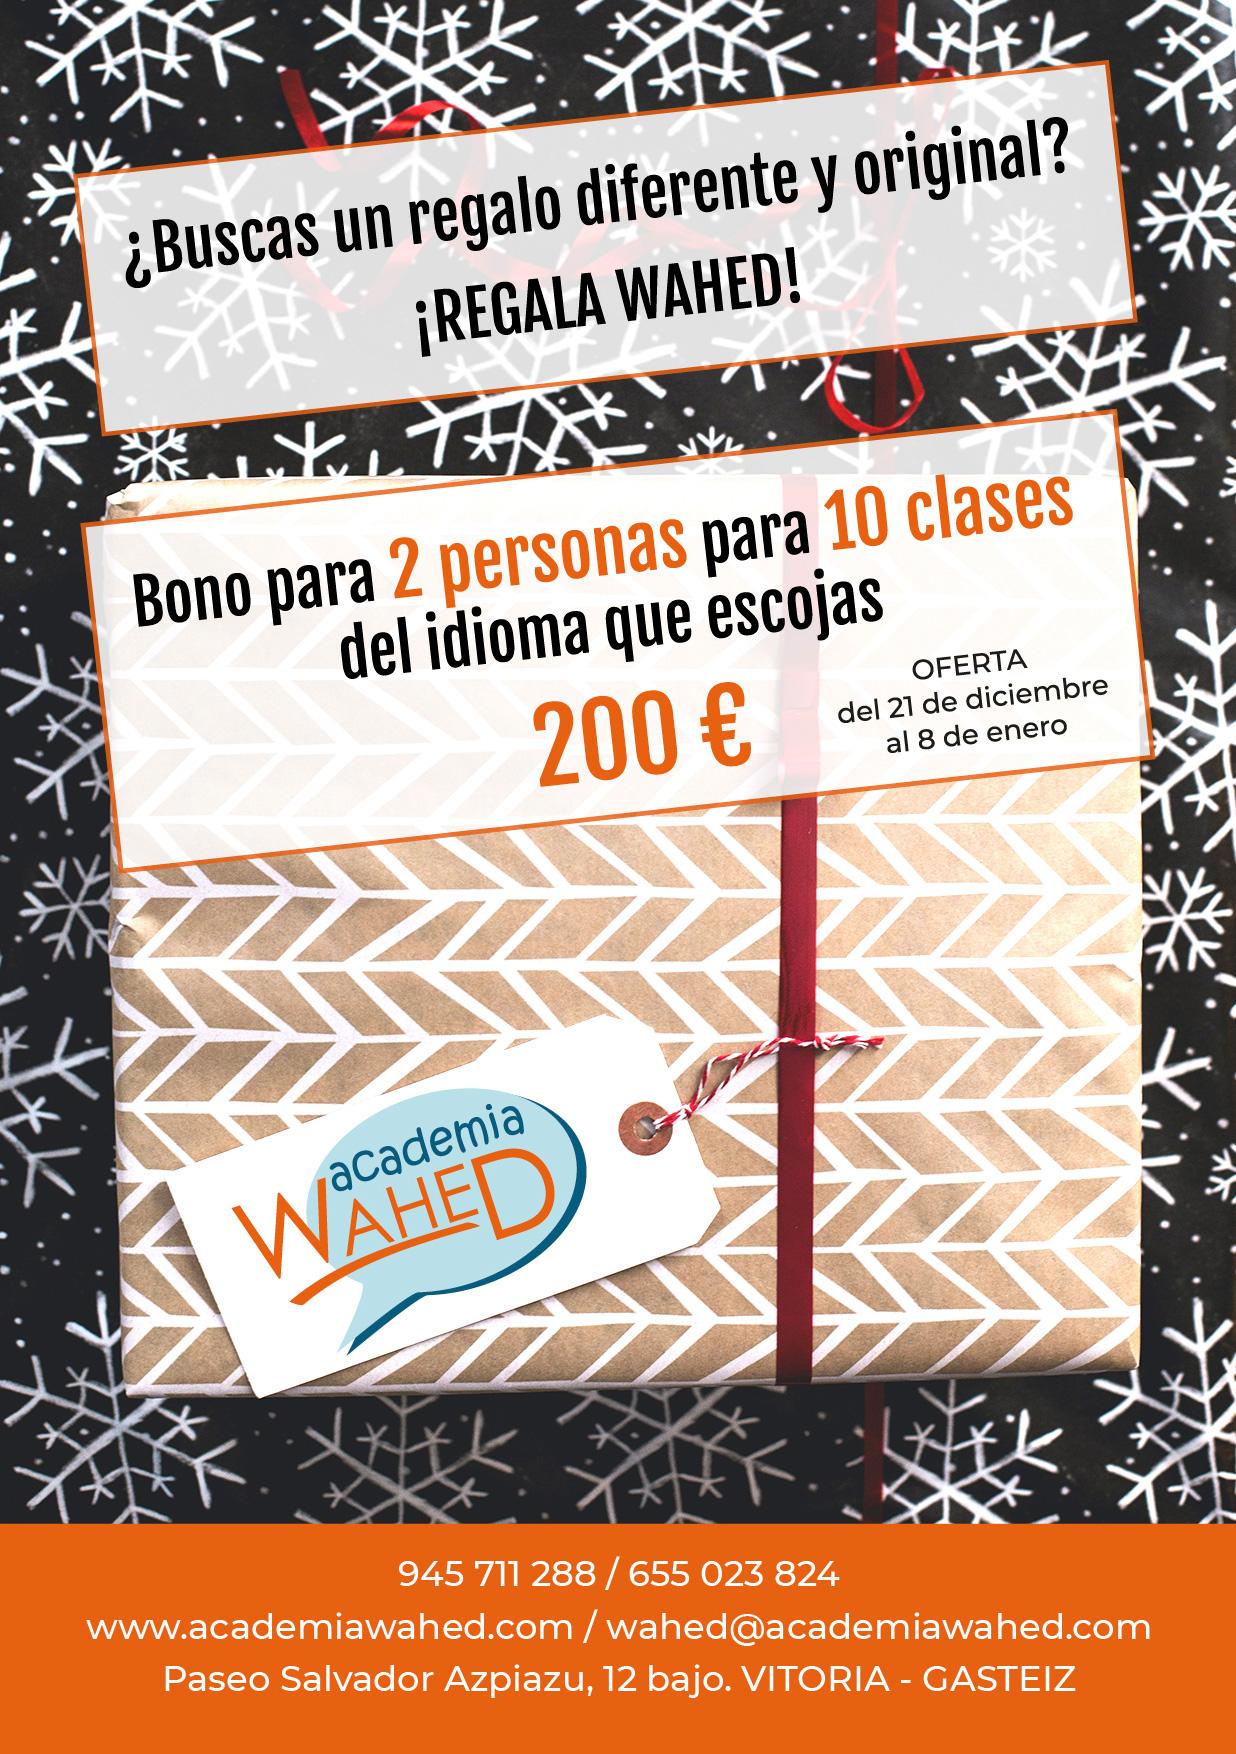 Wahed-bonos-regalo_dic20